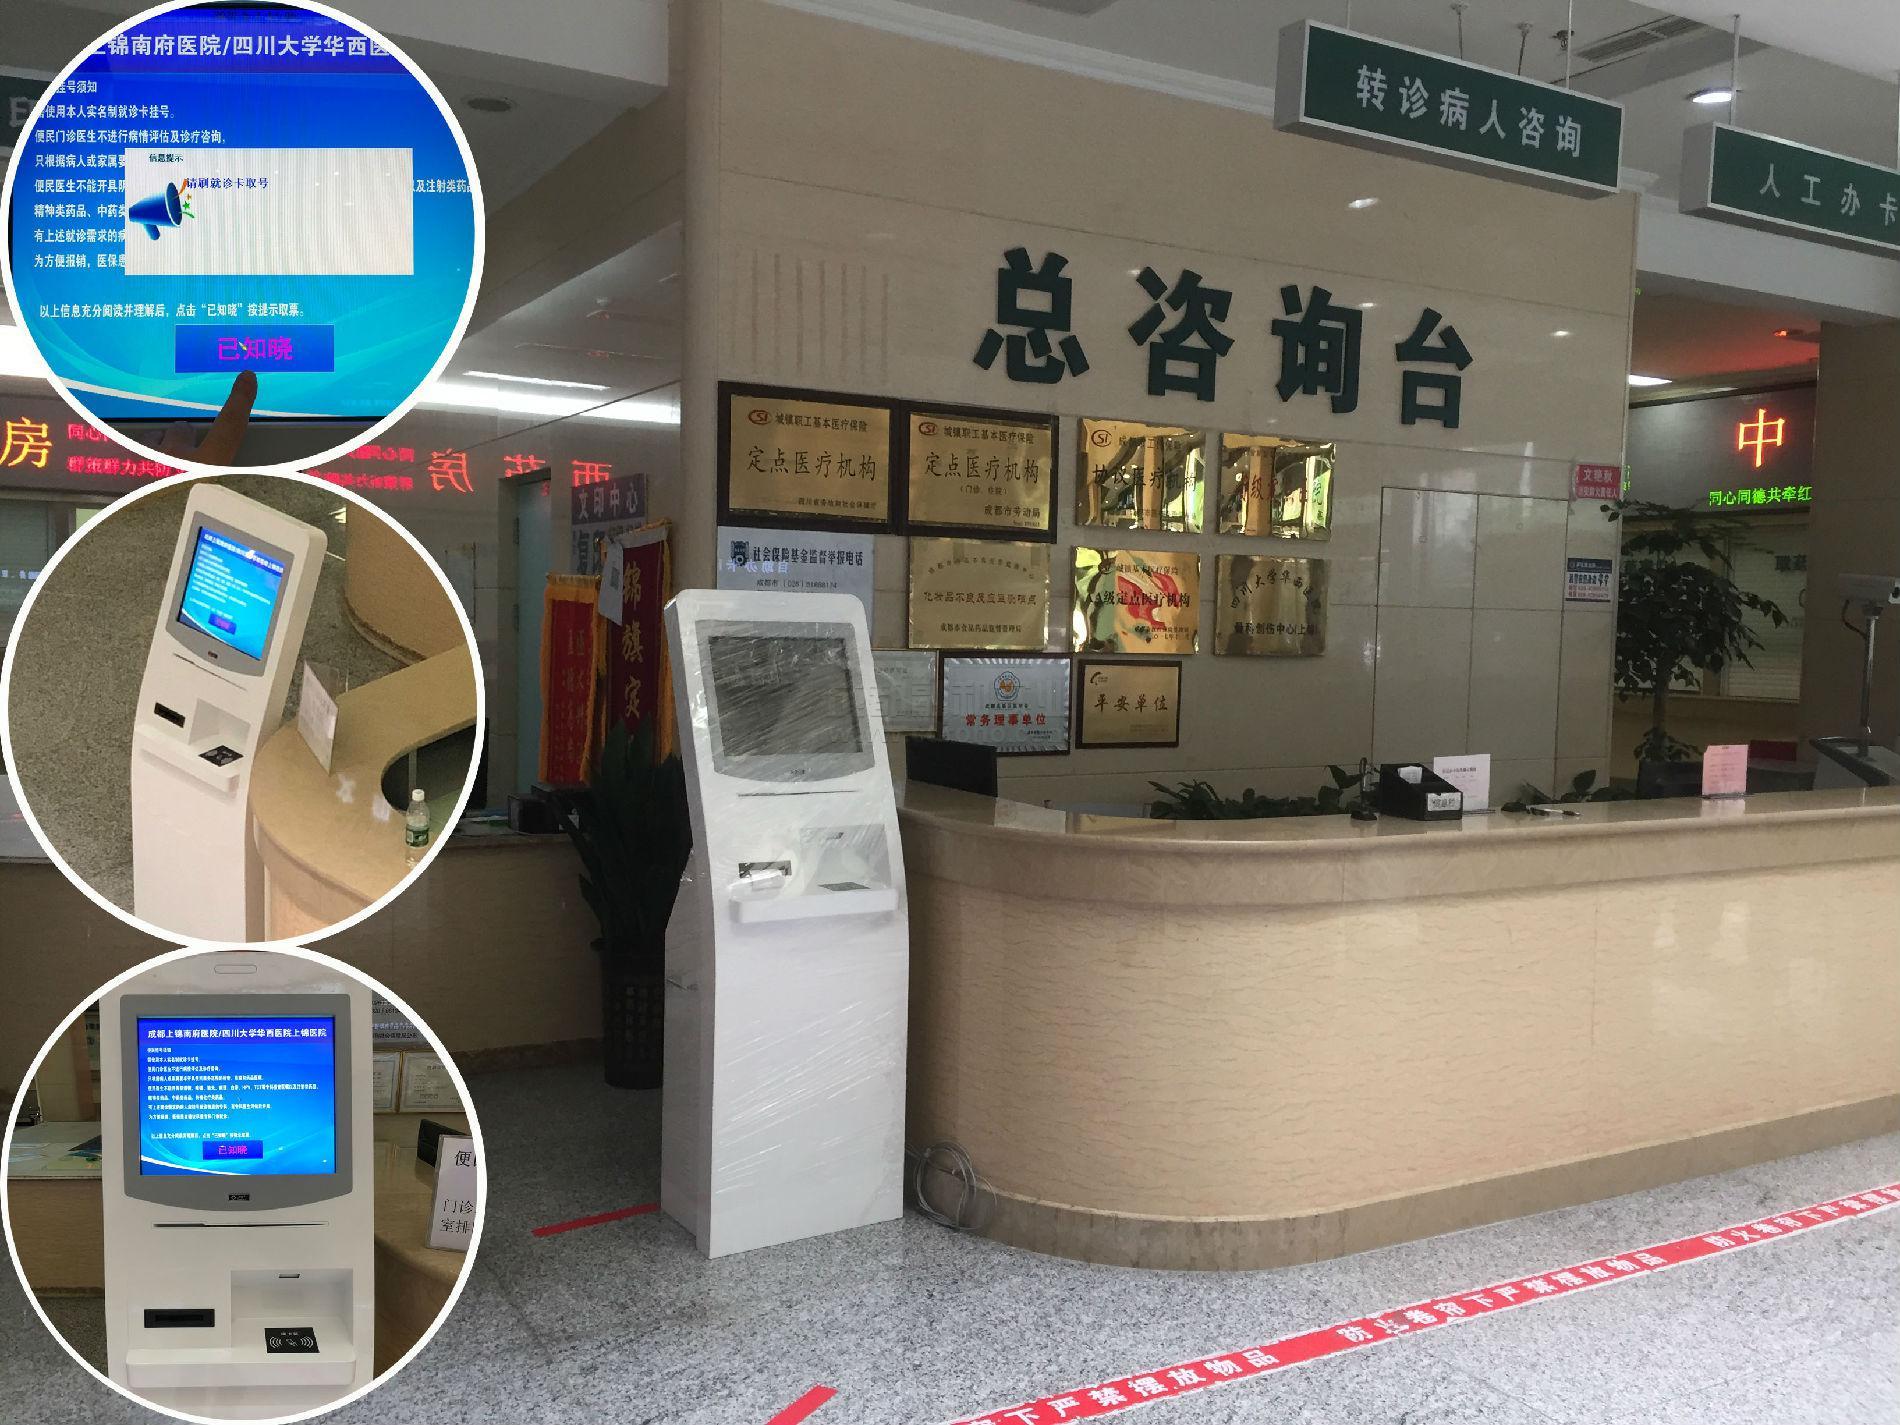 华西上锦医院排队系统